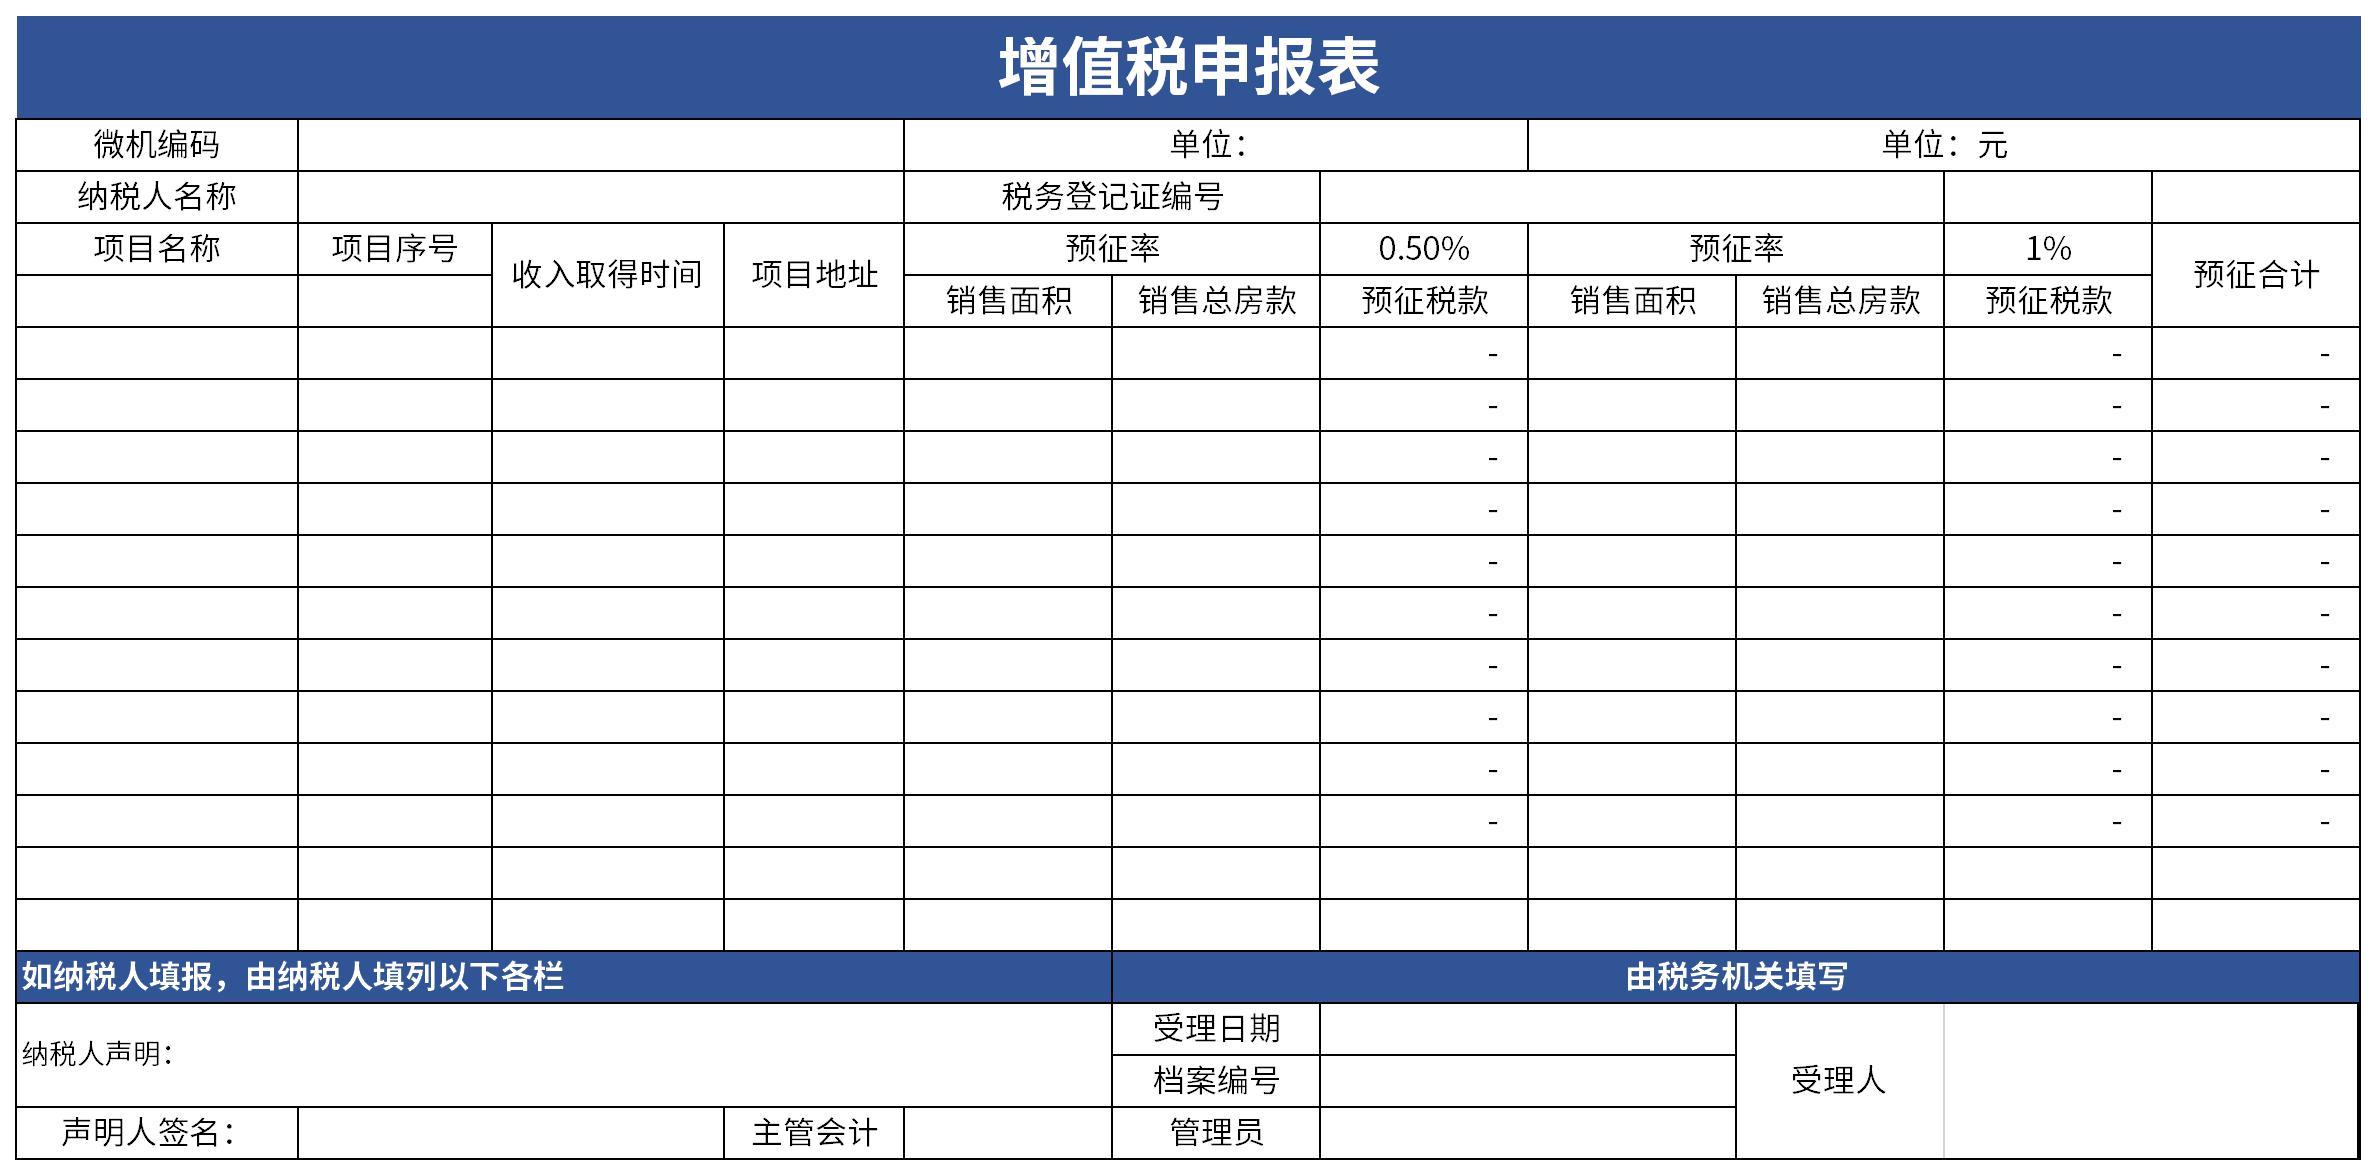 增值税申报表截图